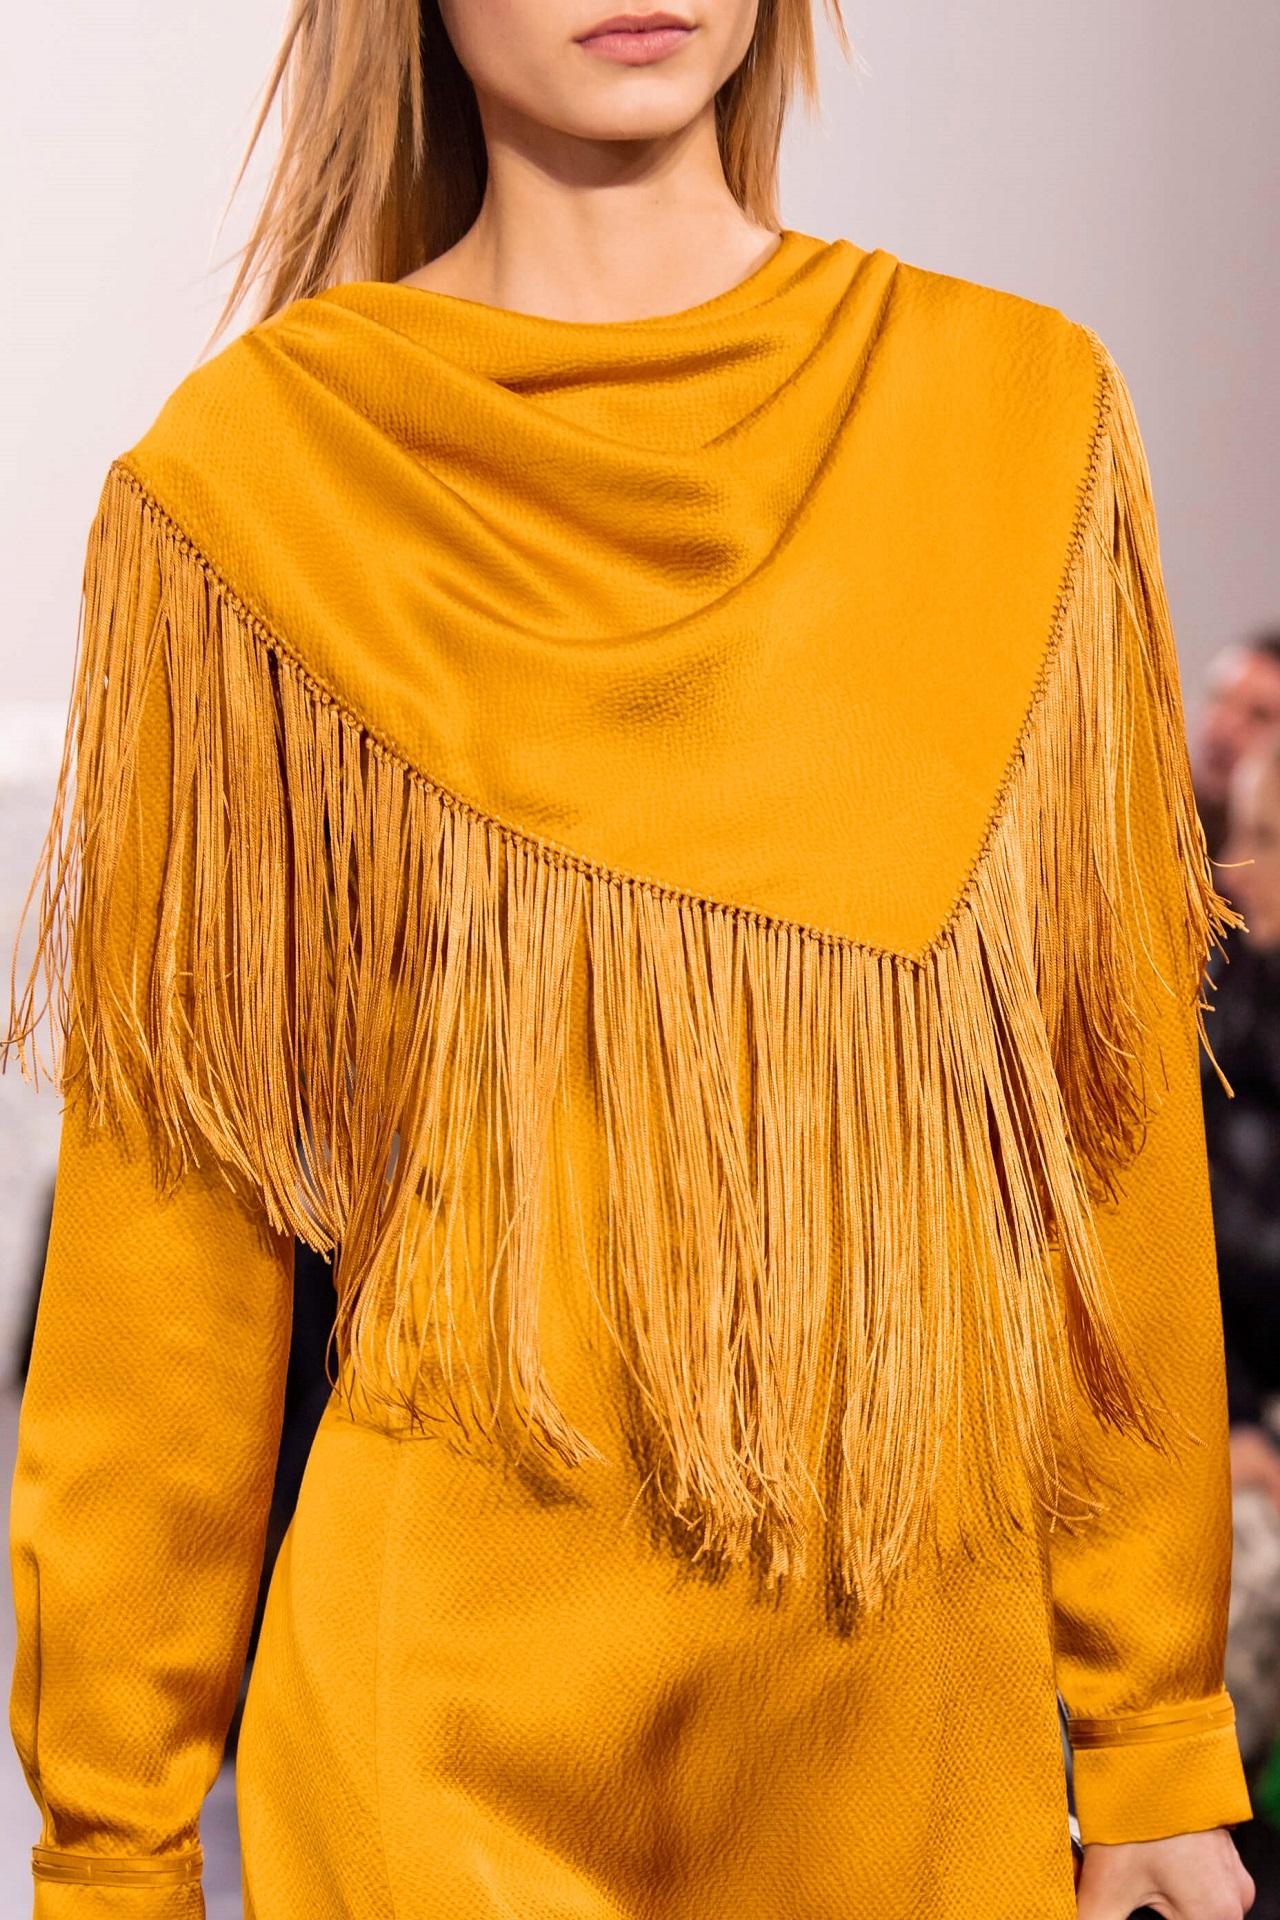 Анна на шее: 8 самых модных вариаций шарфов сезона осень-зима 2020/21-Фото 7